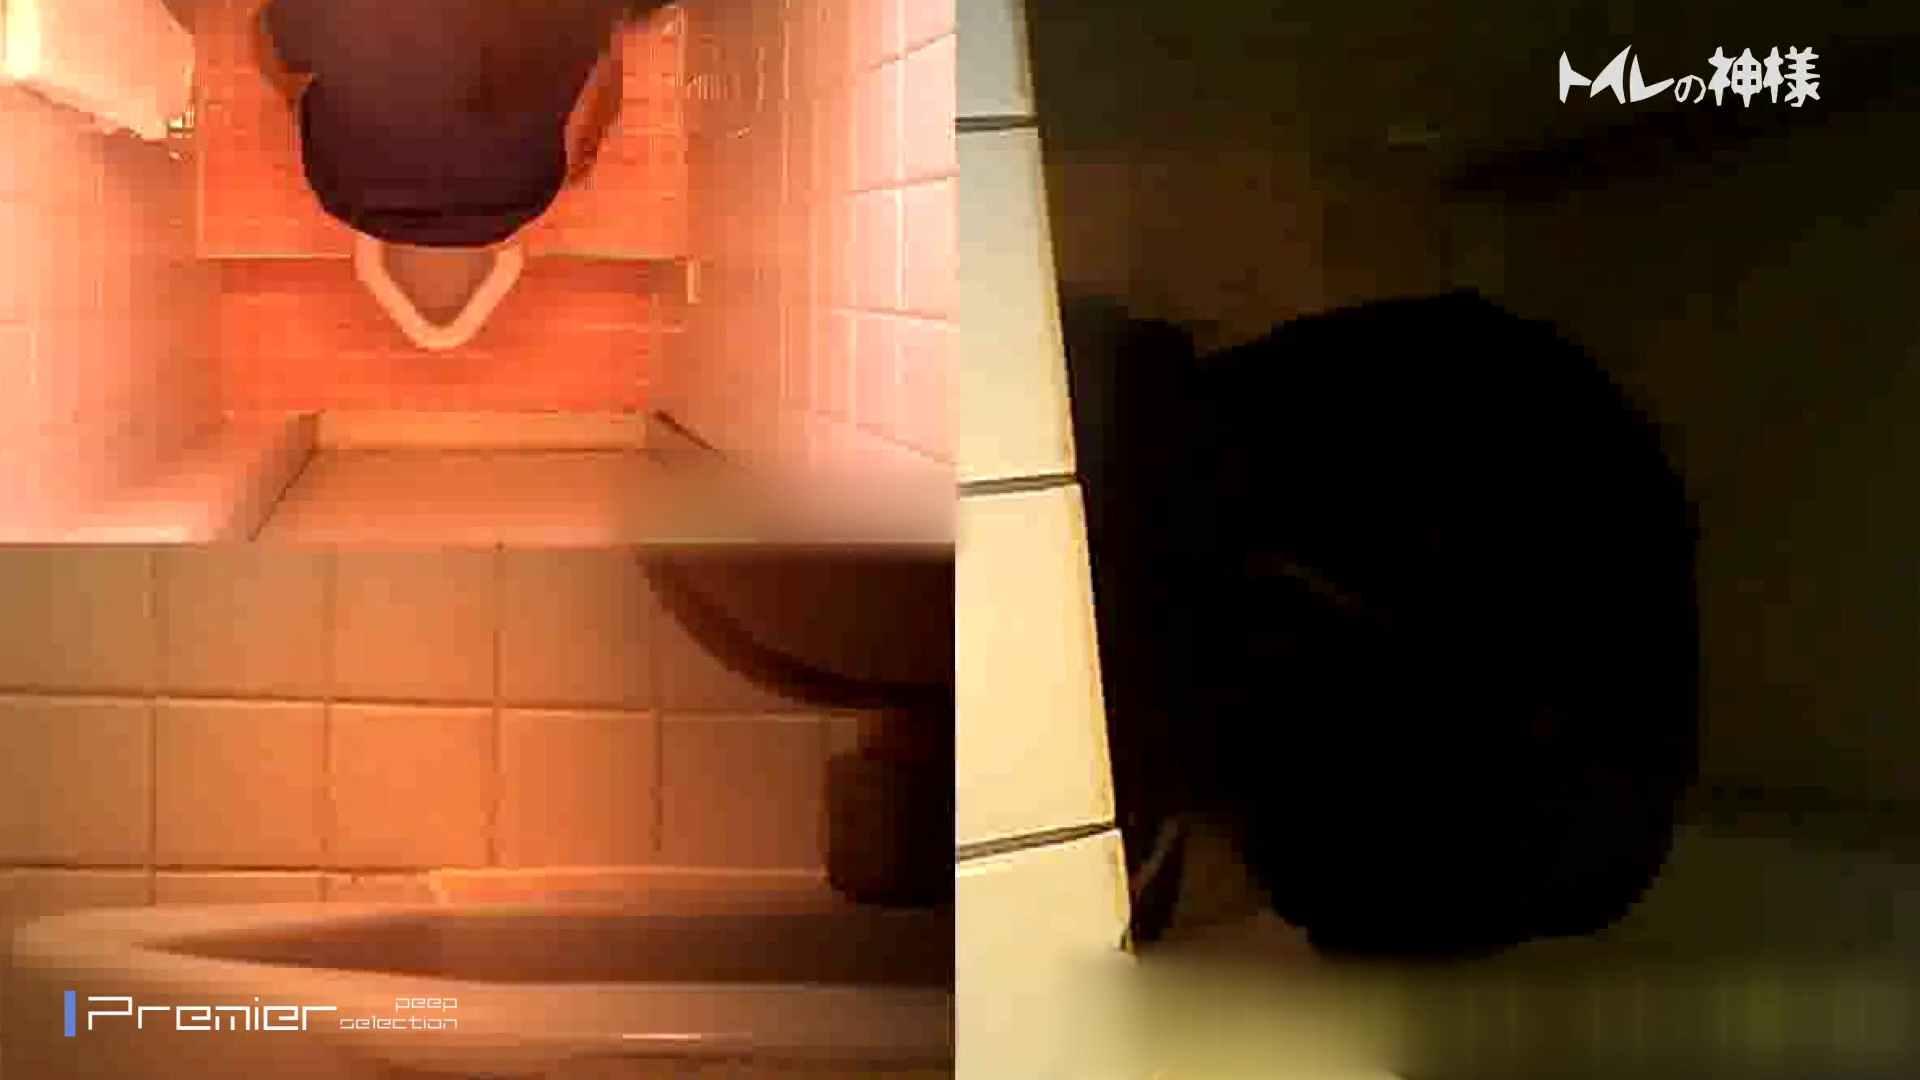 kyouko排泄 うんこをたくさん集めました。トイレの神様 Vol.14 盛合せ SEX無修正画像 92枚 14